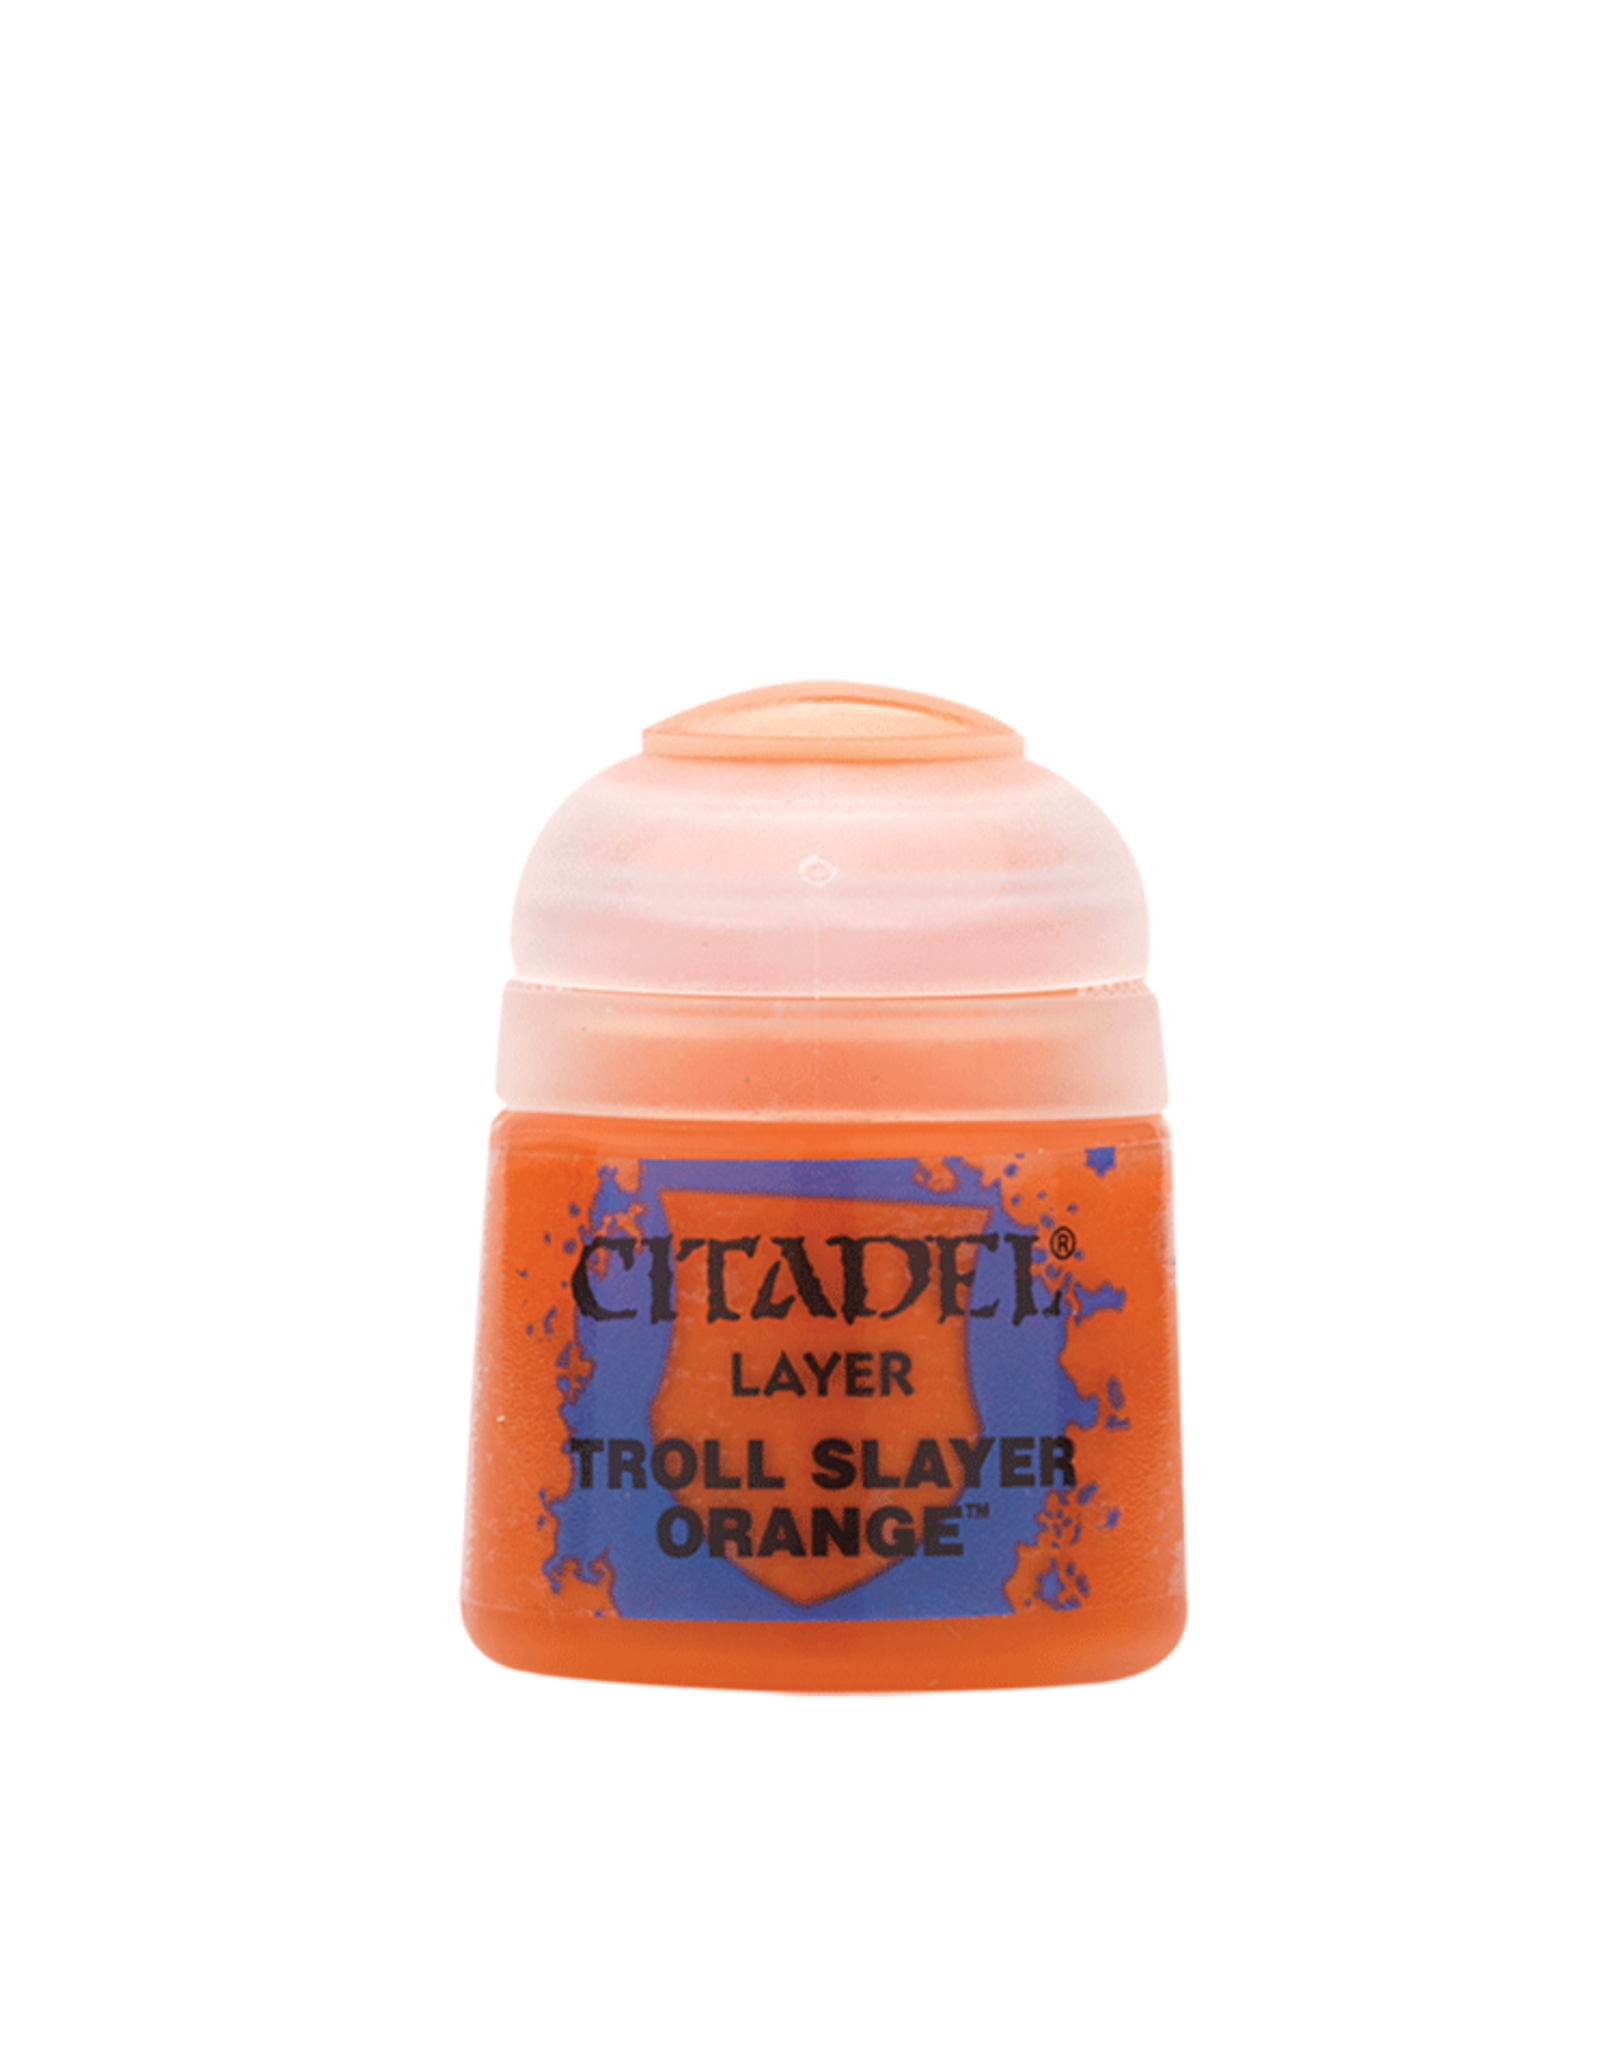 Games Workshop Citadel Layer: Troll Slayer Orange